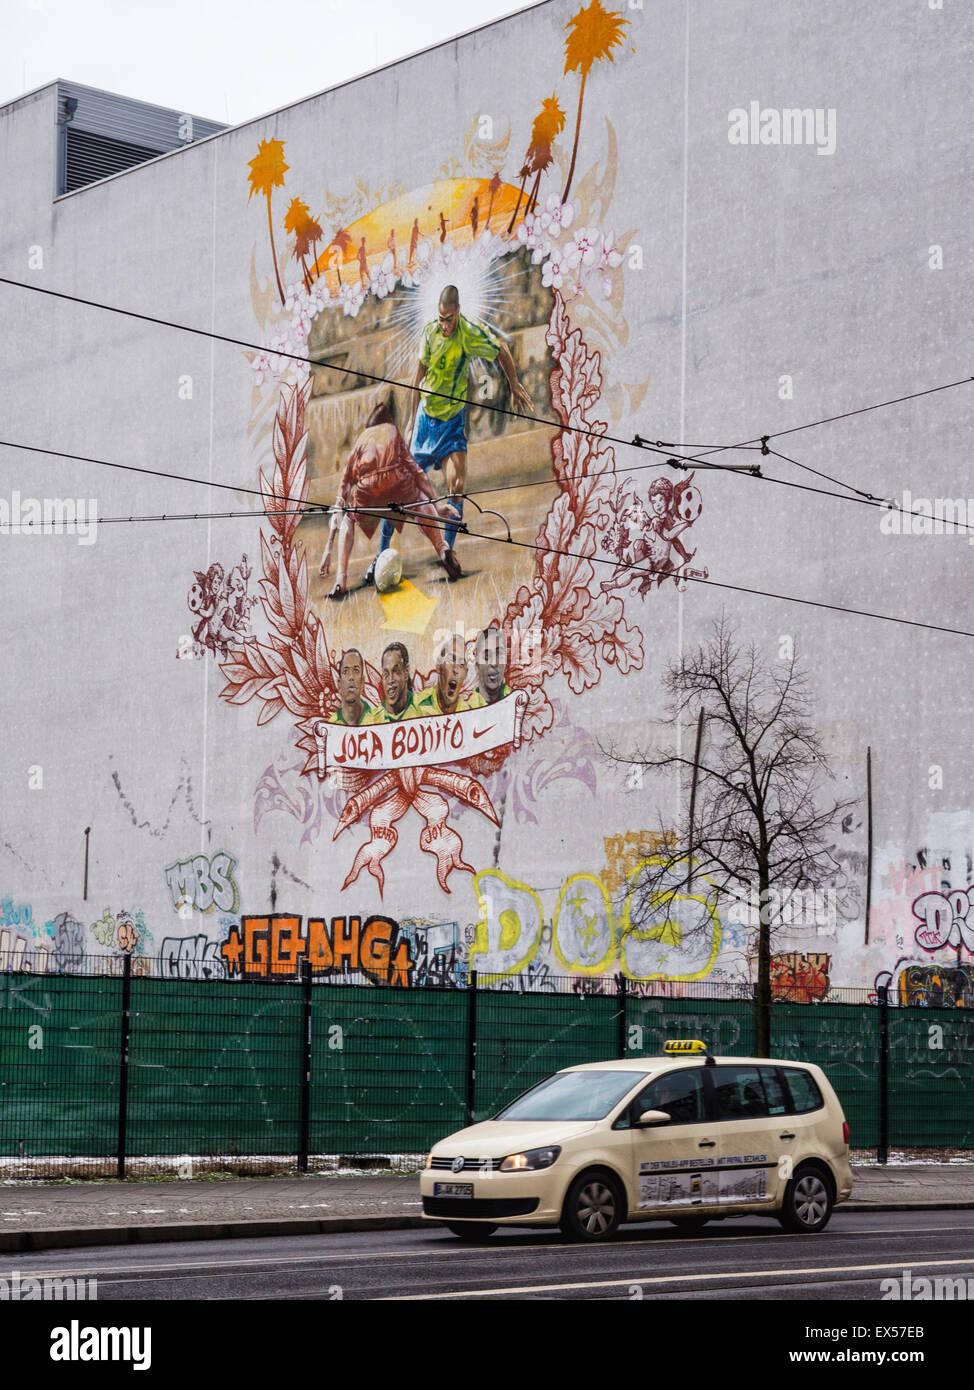 Berlín. El arte en la calle pública Joga Bonita mural, el fútbol, el deporte rey Imagen De Stock